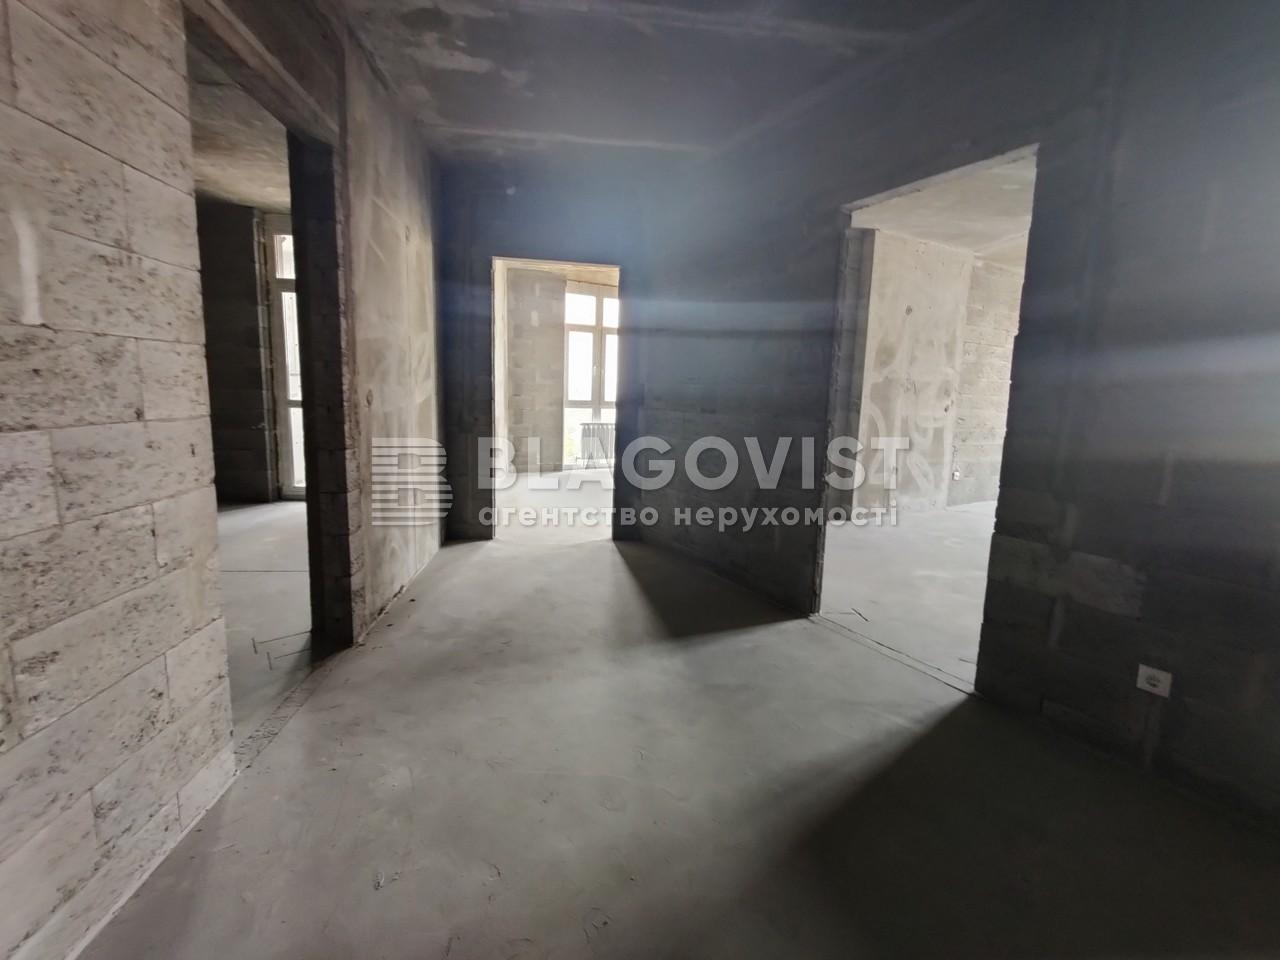 Квартира Z-775064, Маланюка Евгения (Сагайдака Степана), 101 корпус 30, Киев - Фото 5